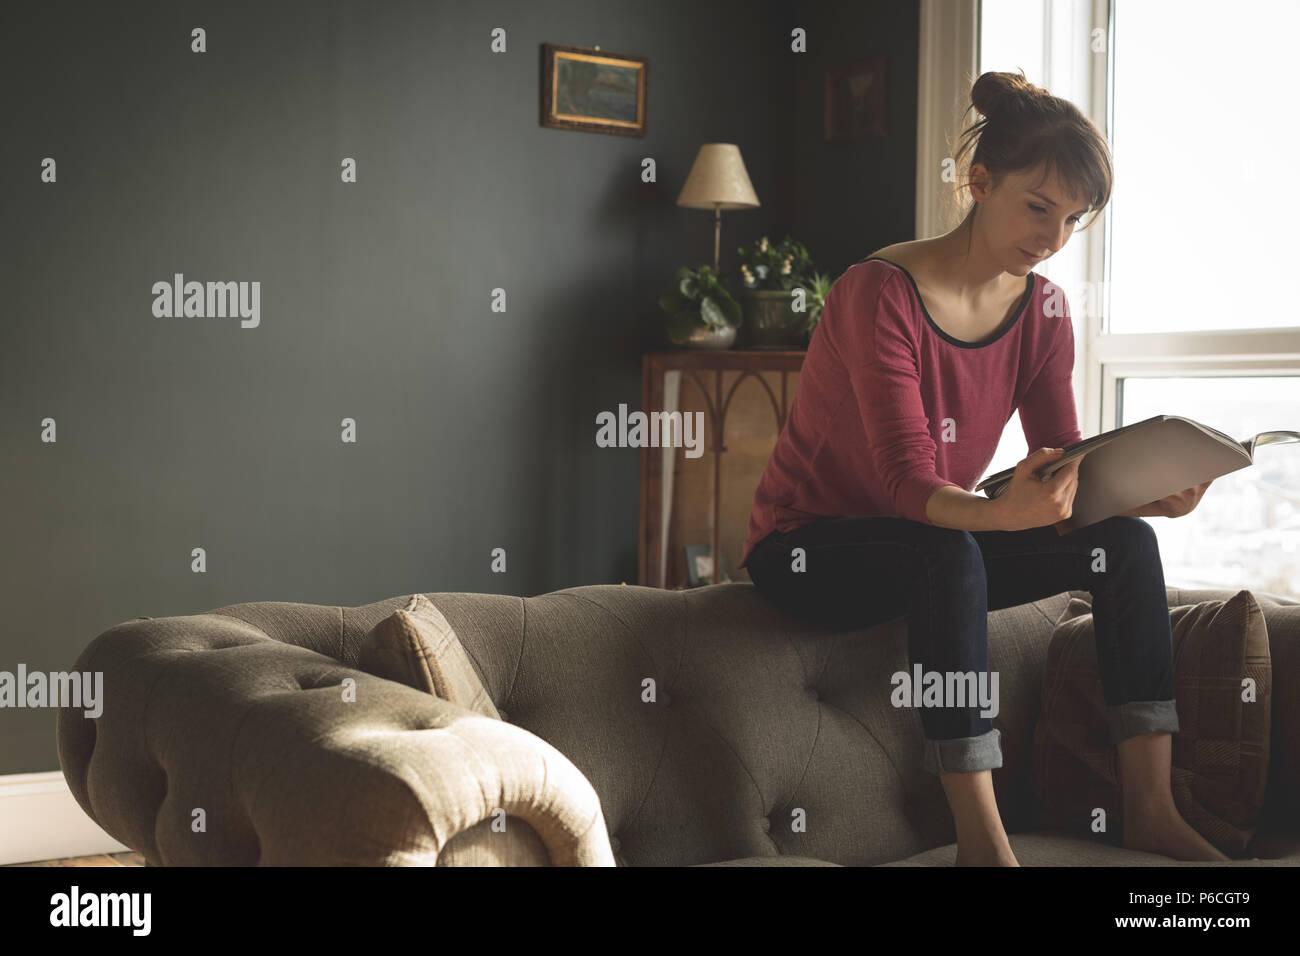 Frau liest Buch im Wohnzimmer Stockfoto